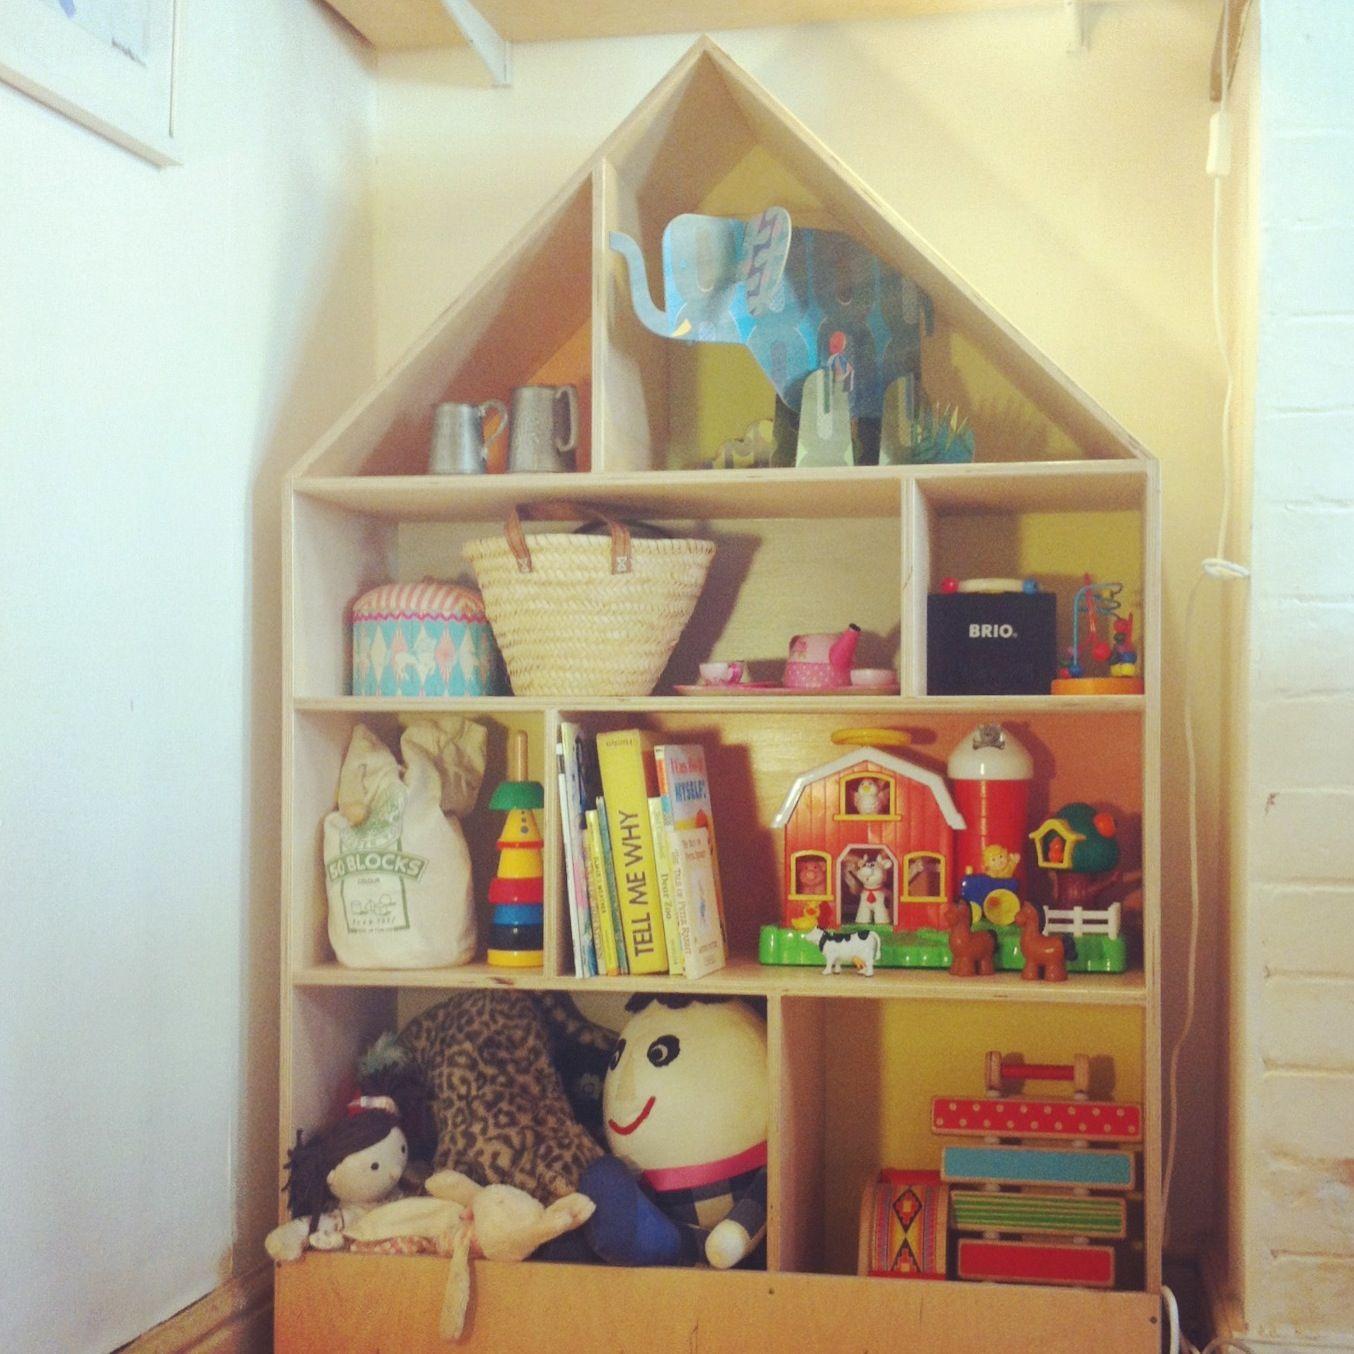 Diy Children S Kids Toy Storage Shelves Kids Bedroom Diy Childrens Bedroom Storage Diy Storage Shelves